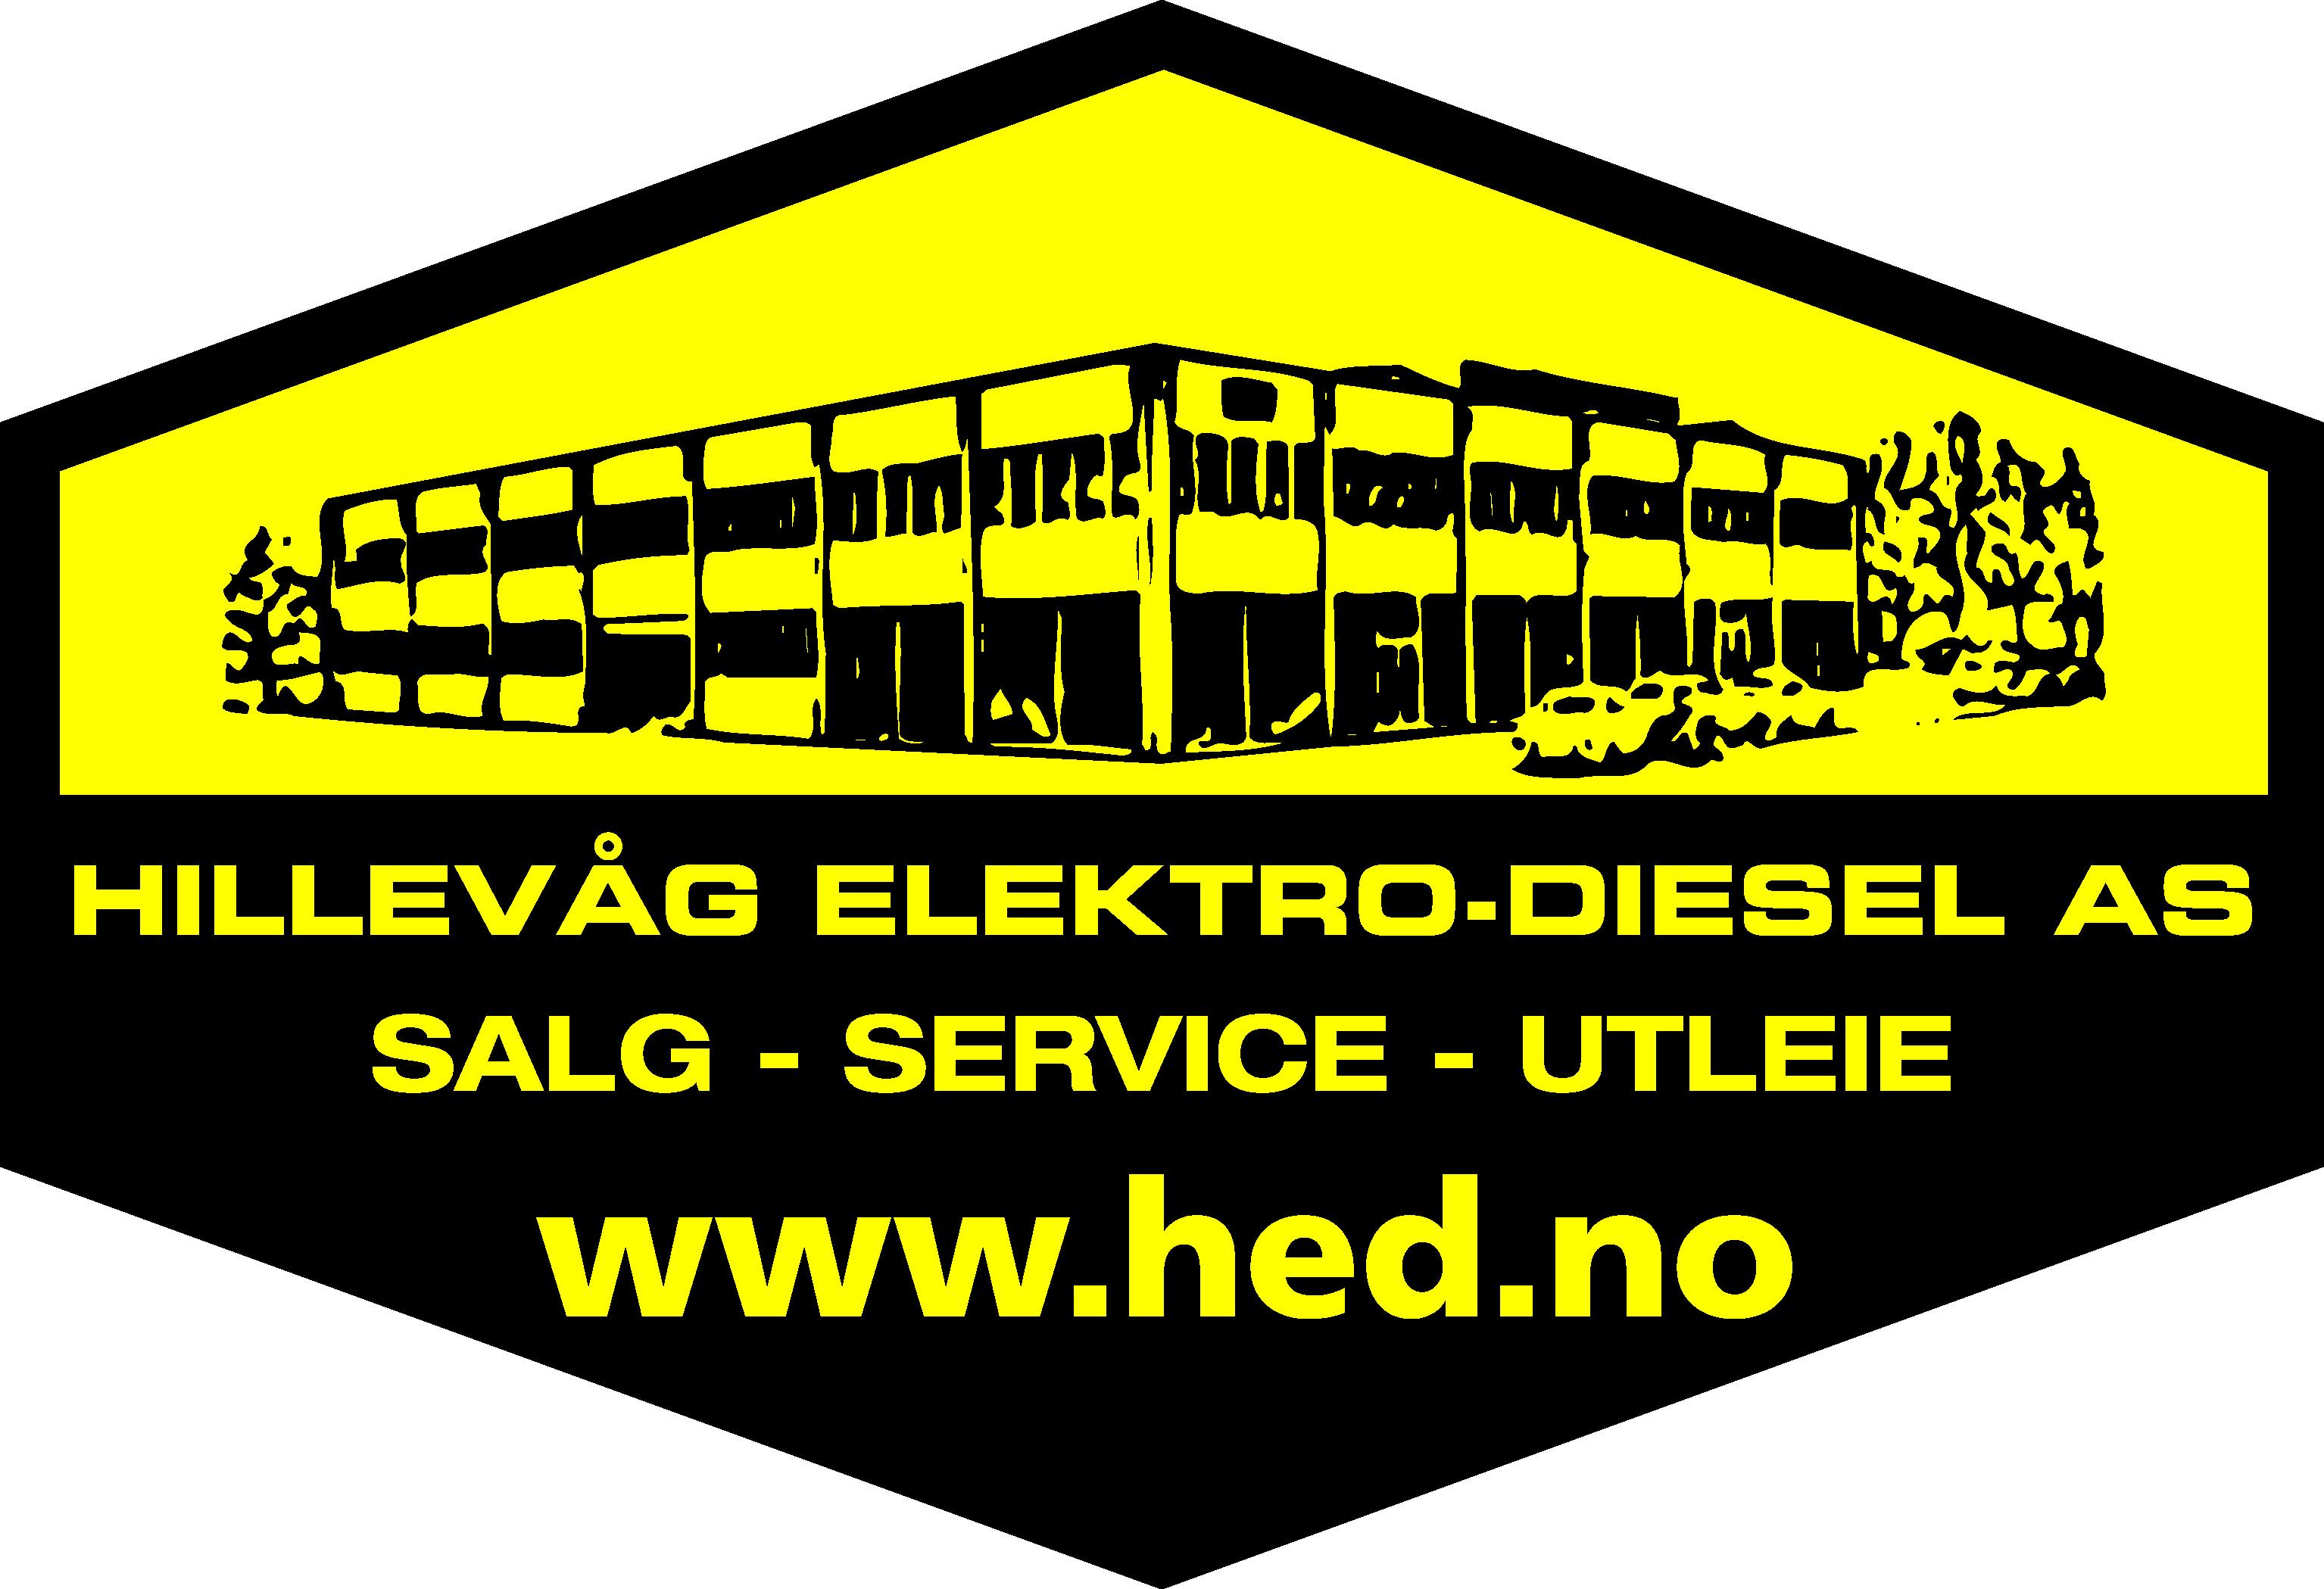 Hillevåg Elektro-Diesel AS